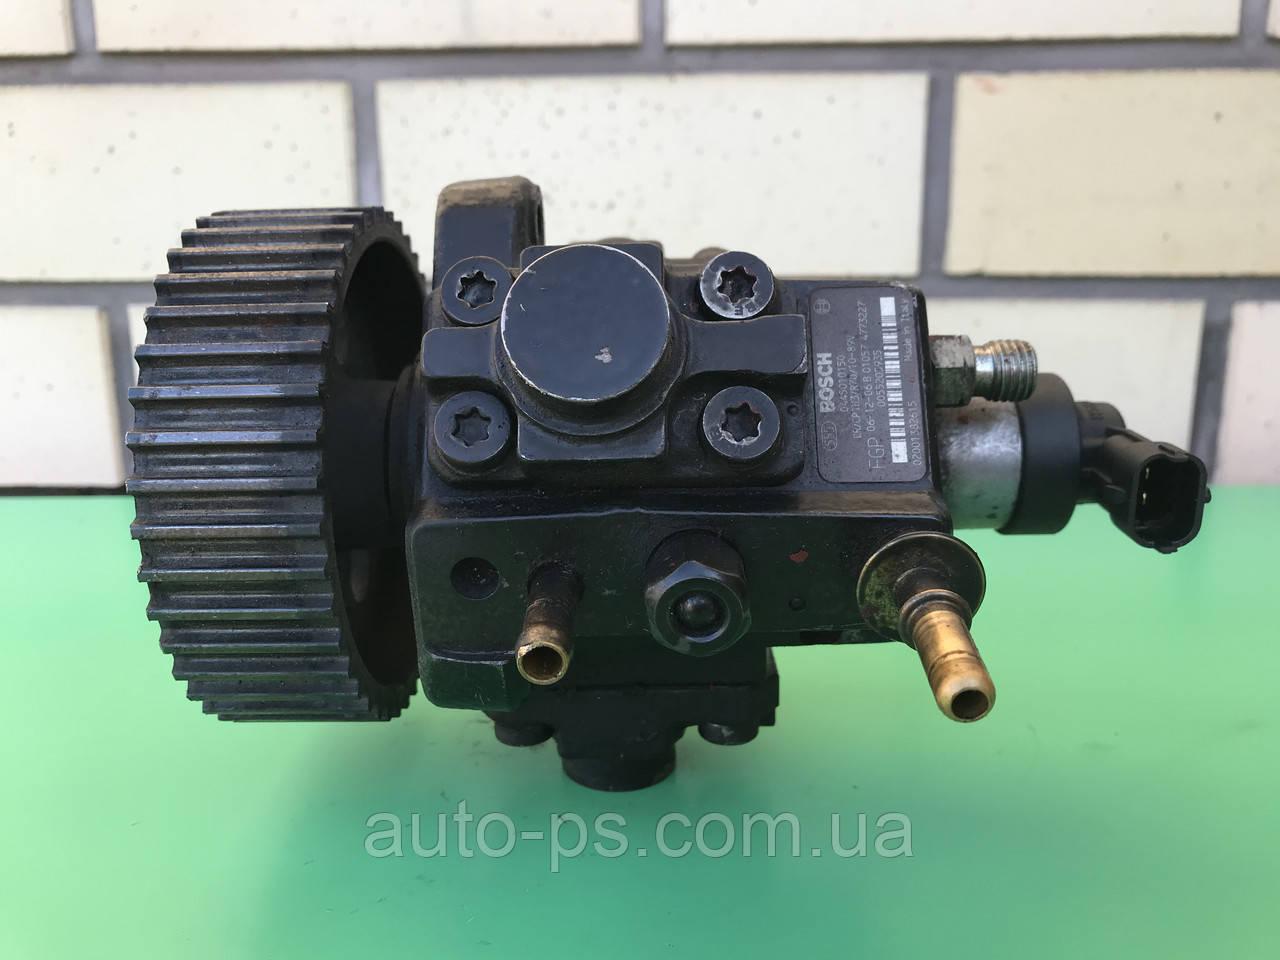 Топливный насос высокого давления (ТНВД) Alfa Romeo 159 1.9JTDM 2005-2011 год